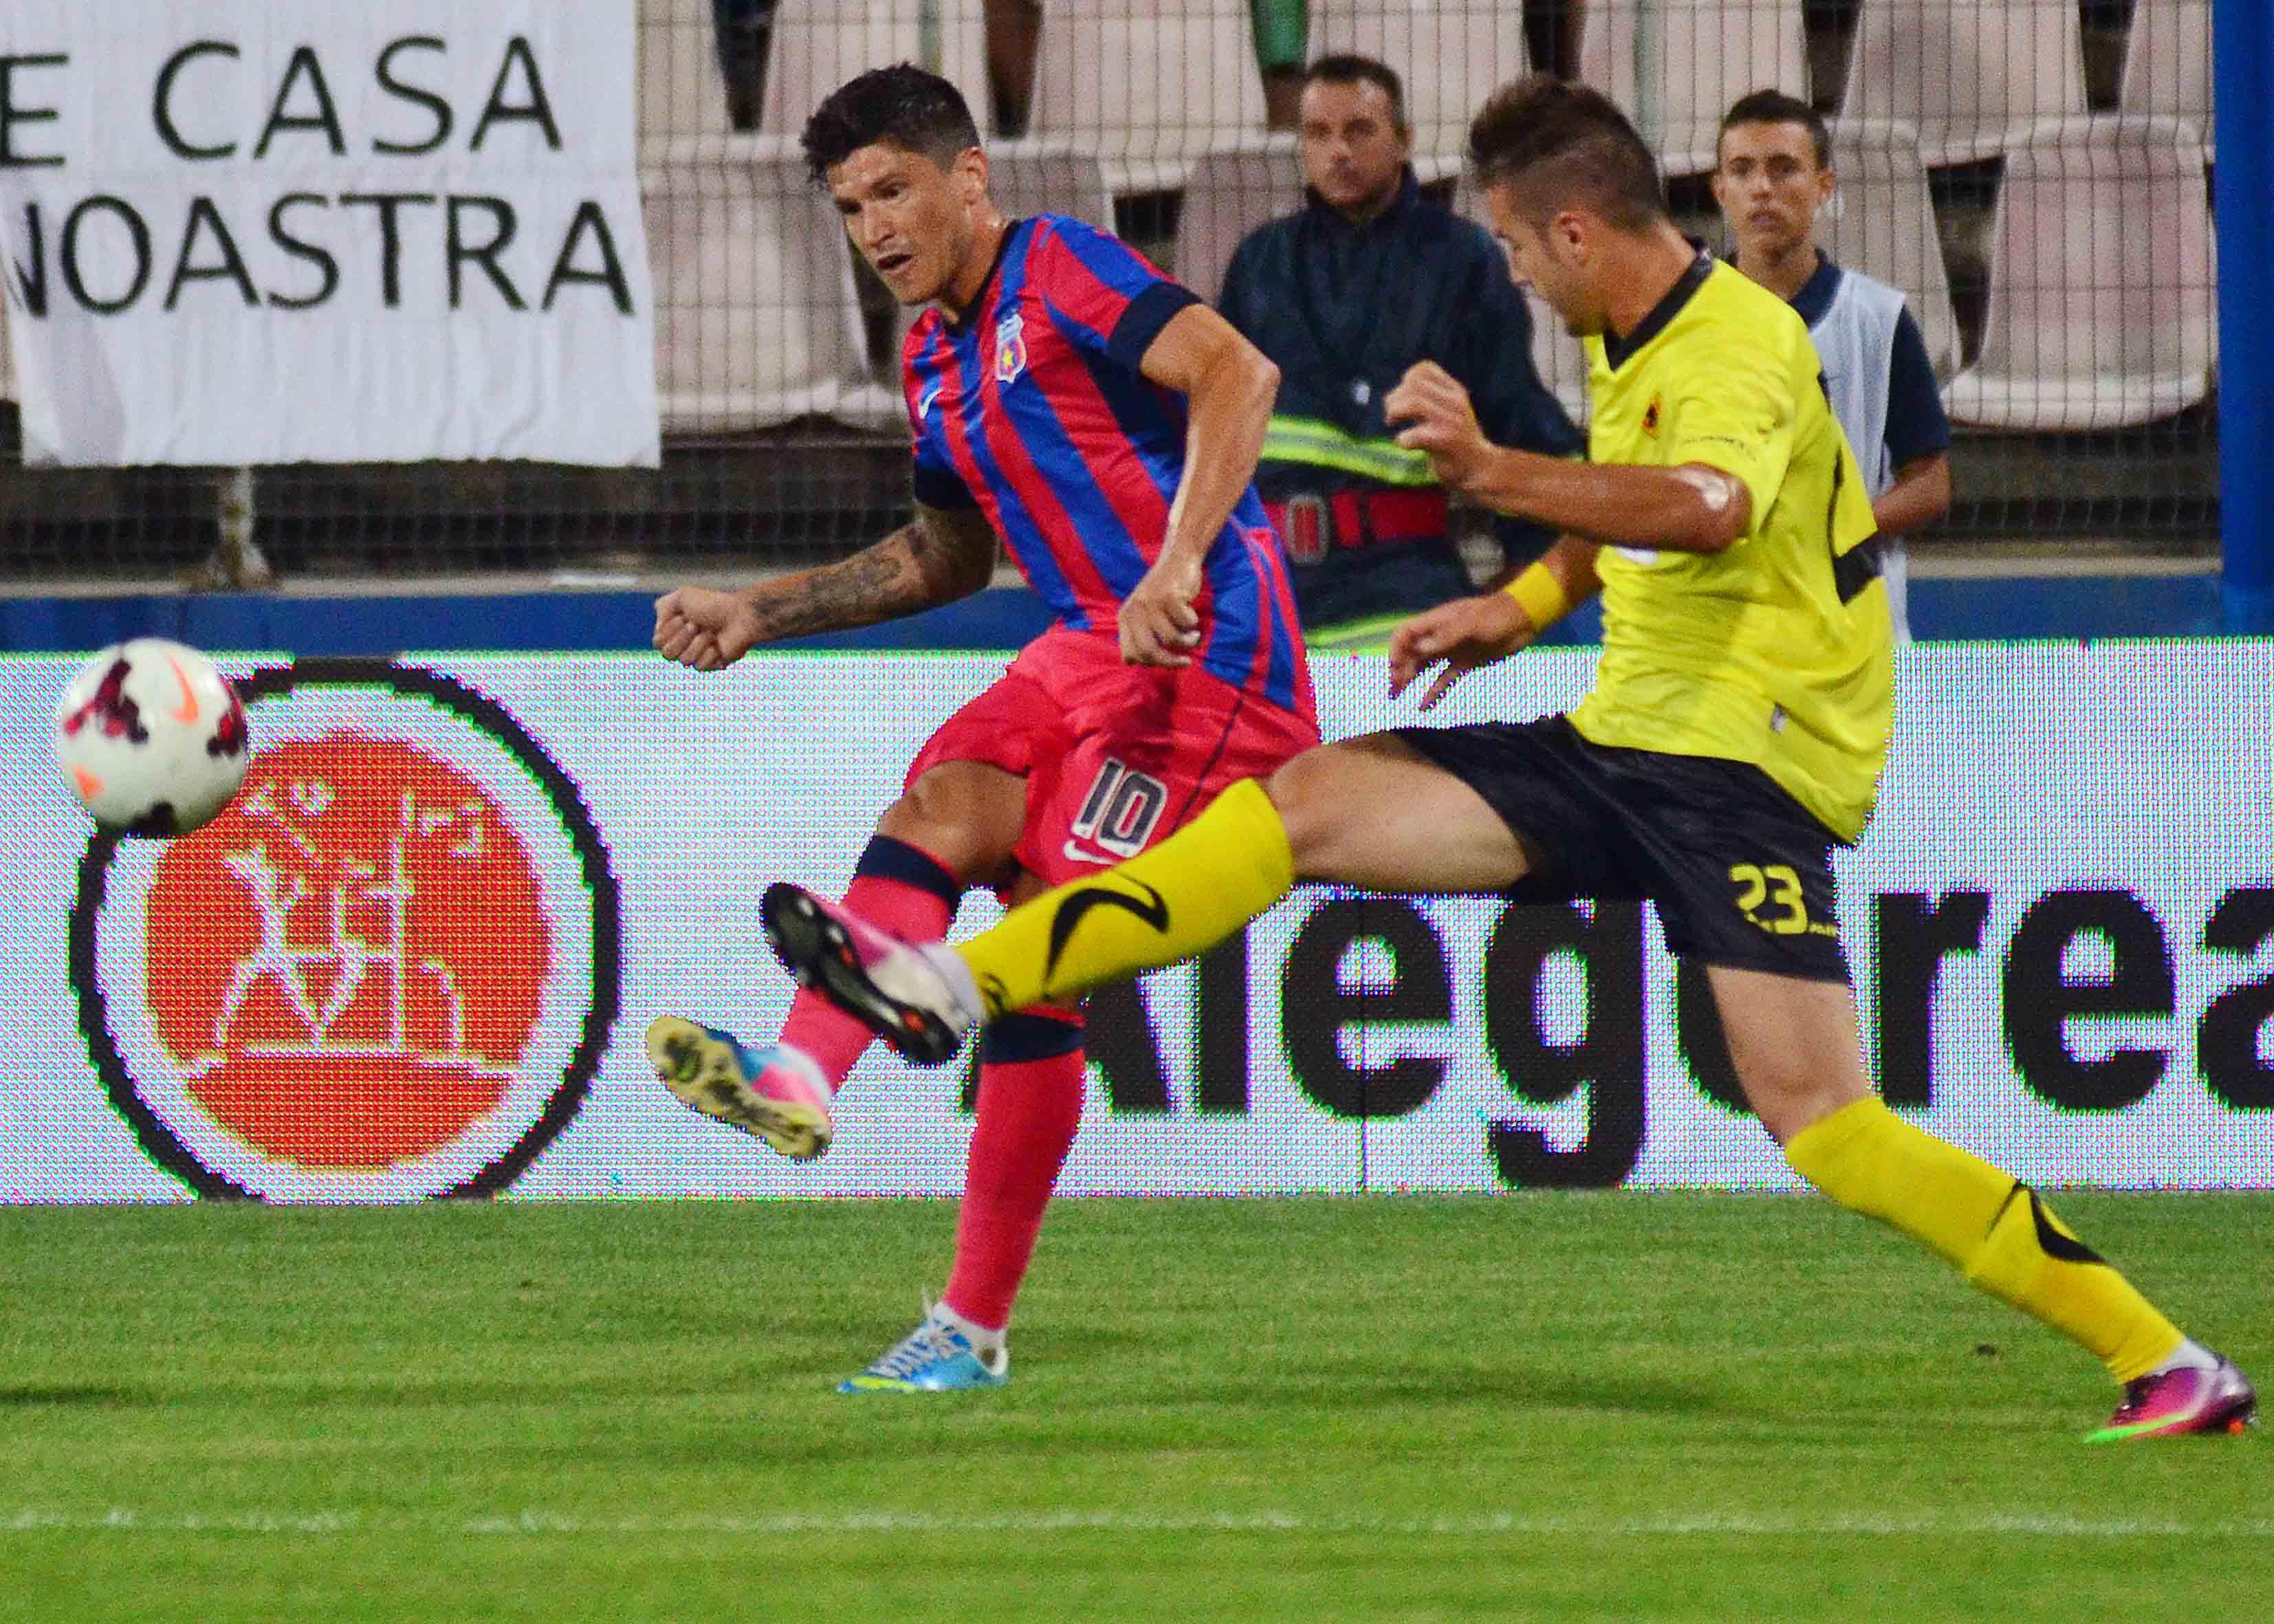 FOTBAL:STEAUA BUCURESTI-CEAHLAUL PIATRA NEAMT 2-0,LIGA 1 (20.07.2013)